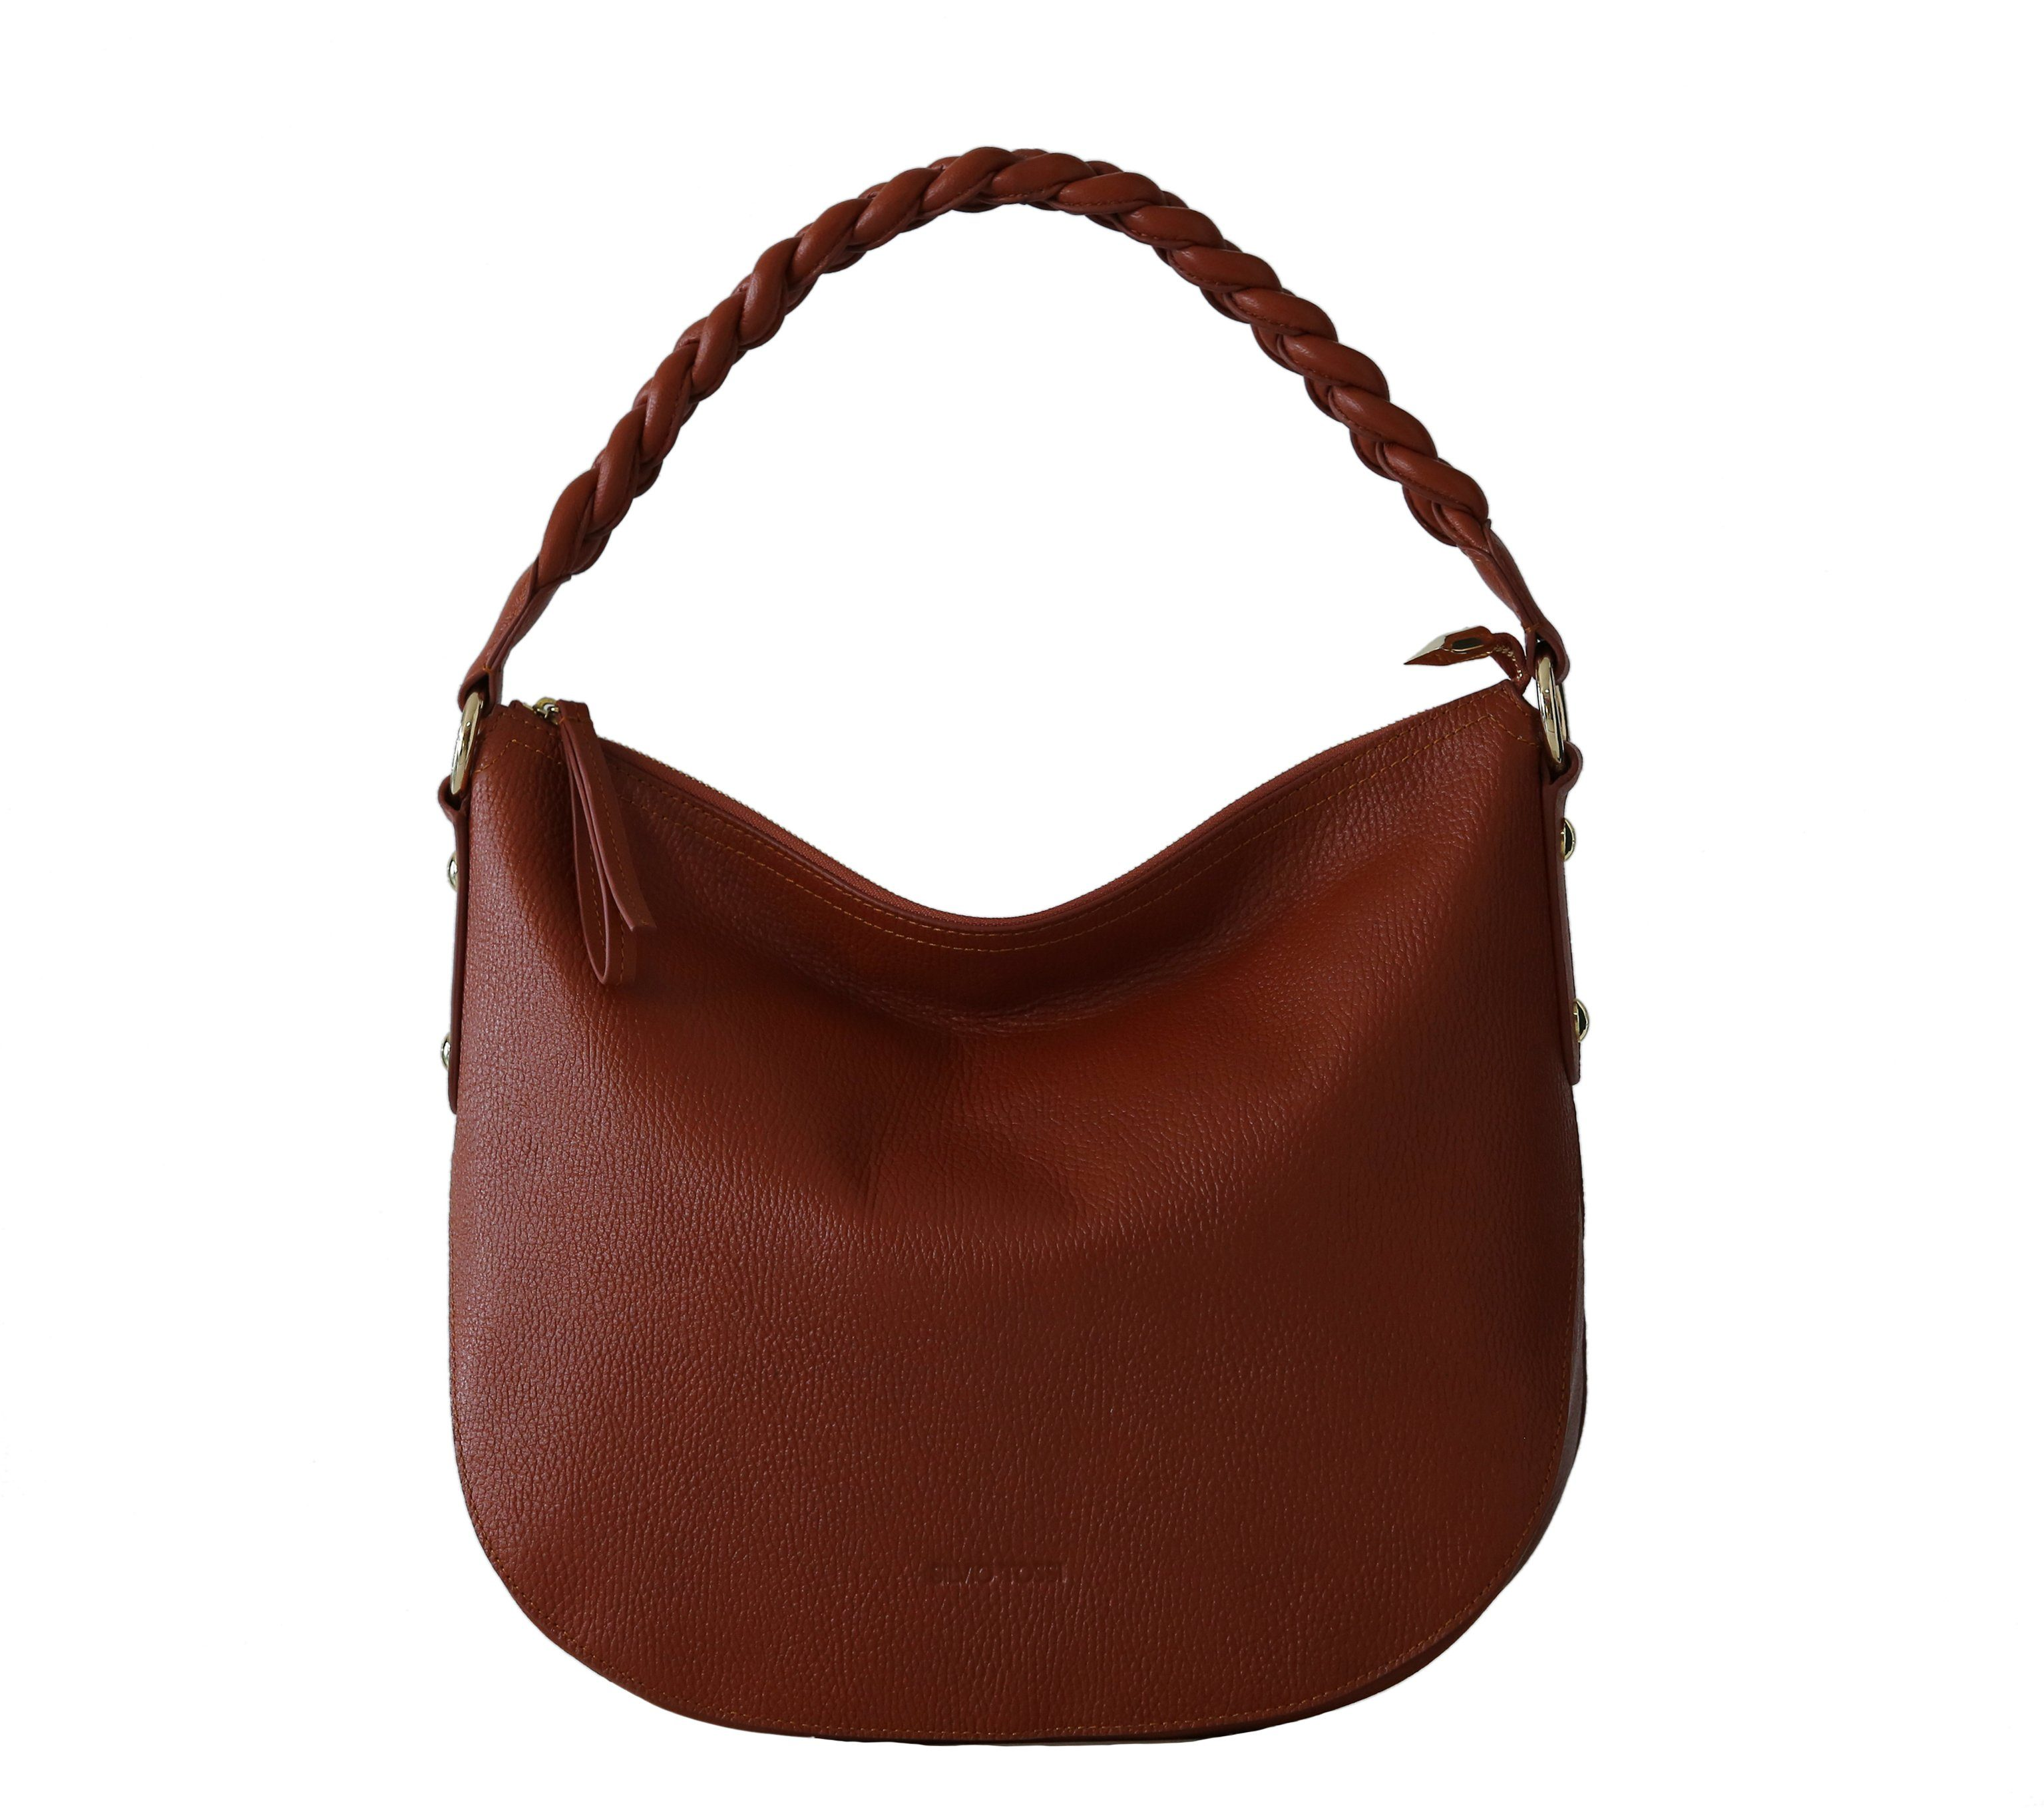 Silvio Tossi Lederhandtasche mit Reißverschluss